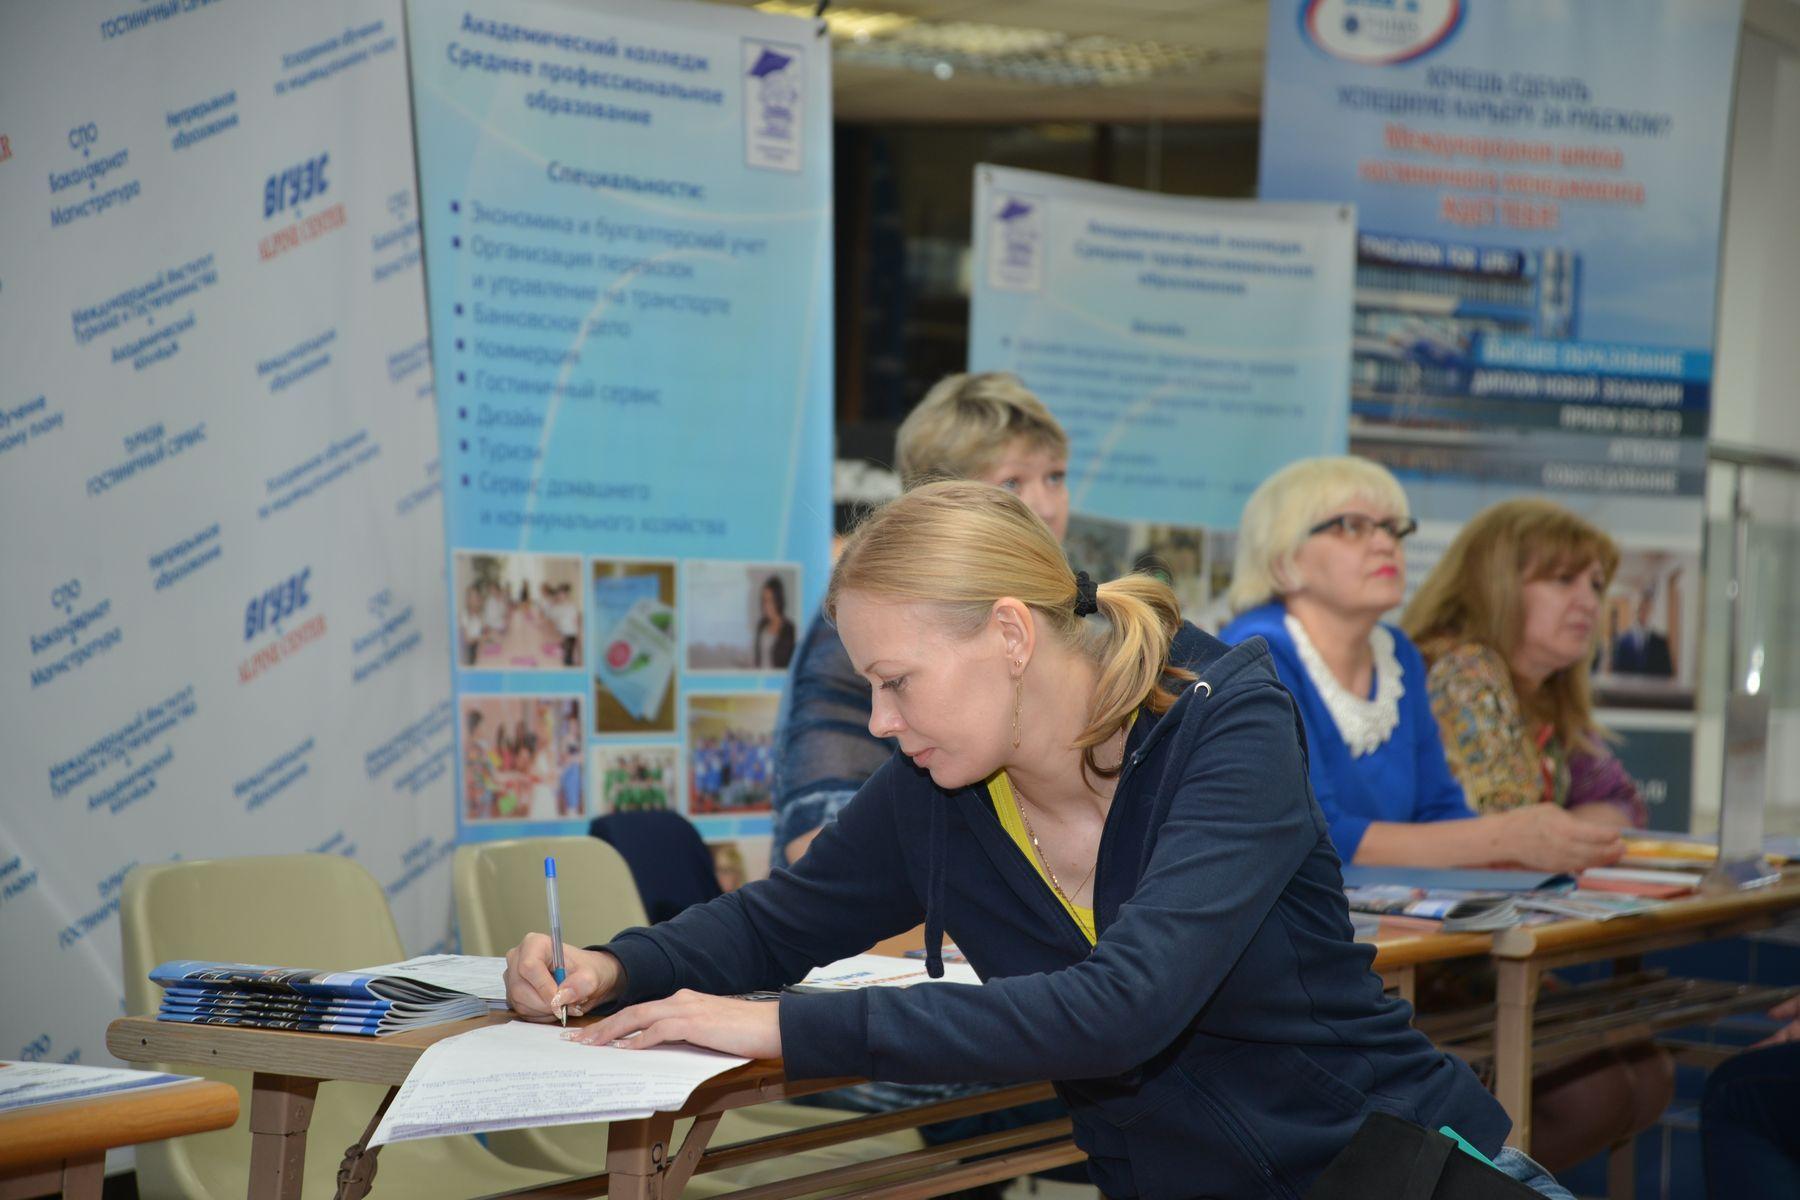 Оксана Мартыненко о поступлении во ВГУЭС в 2016 году